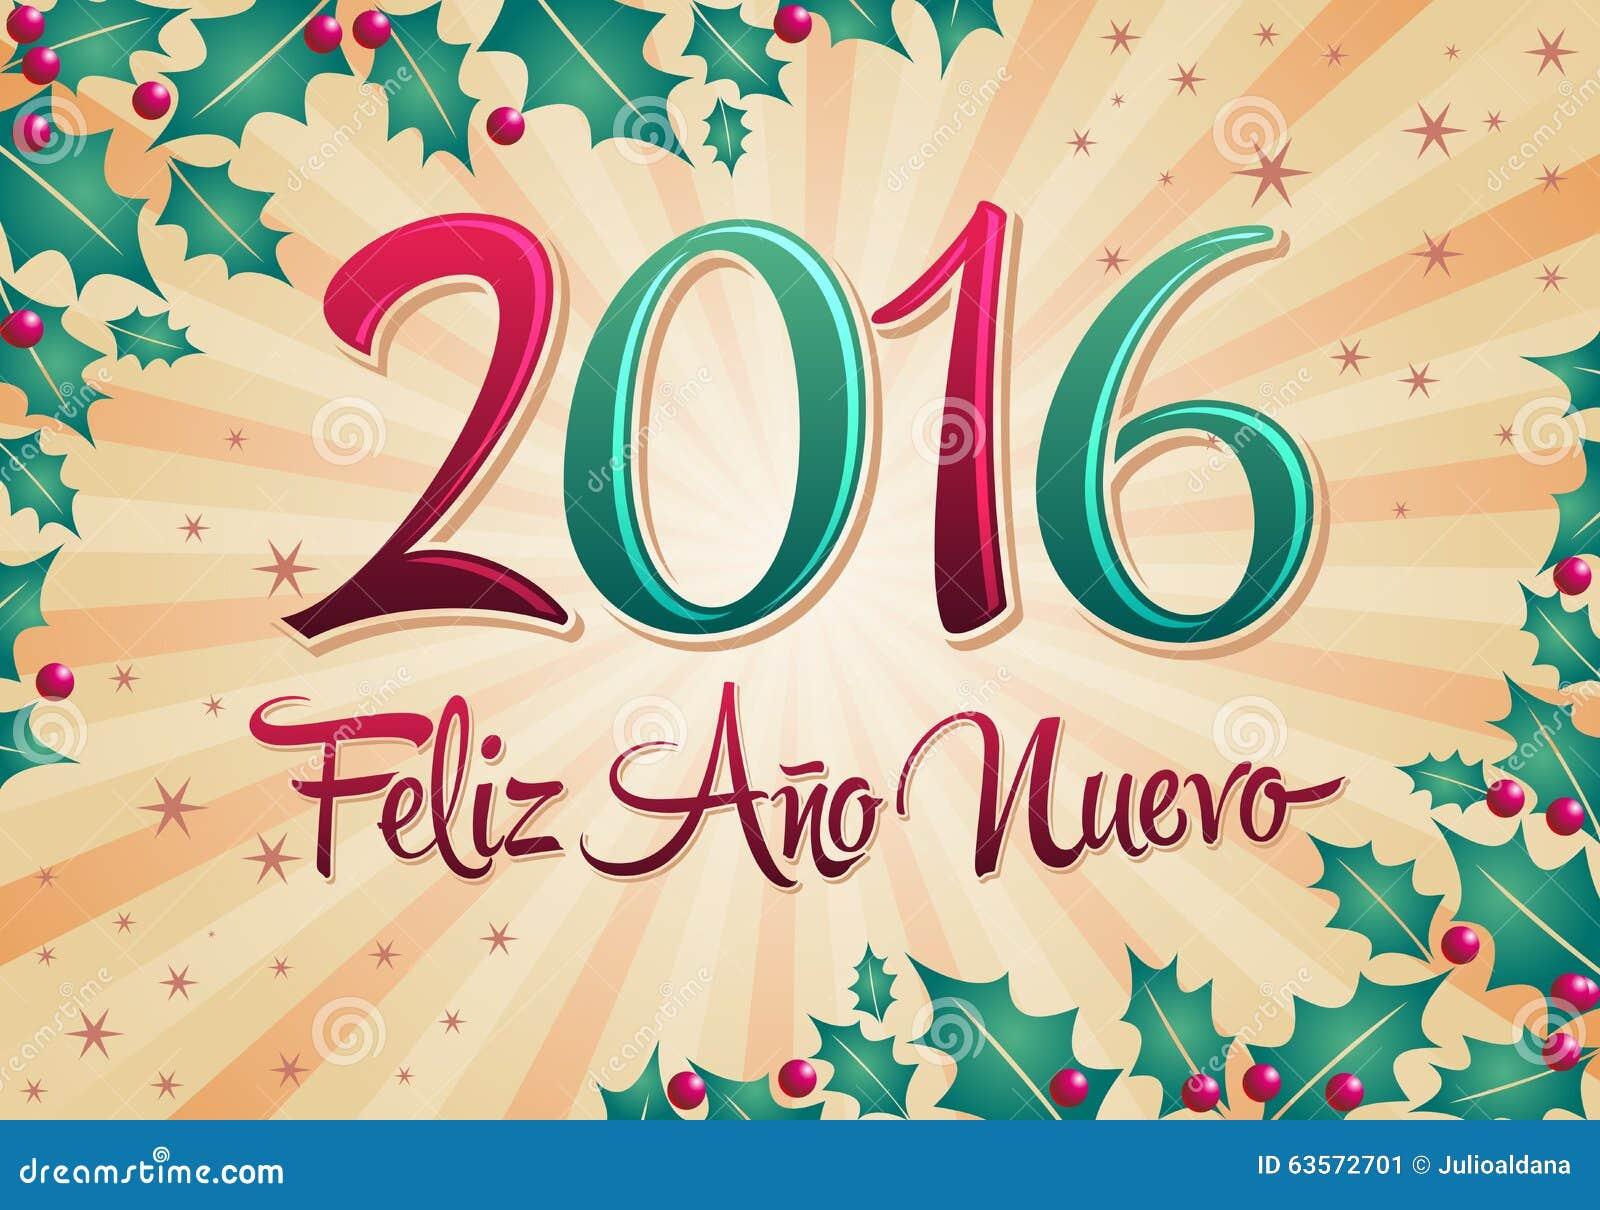 2016 Feliz Ano Nuevo - texto del español de la Feliz Año Nuevo